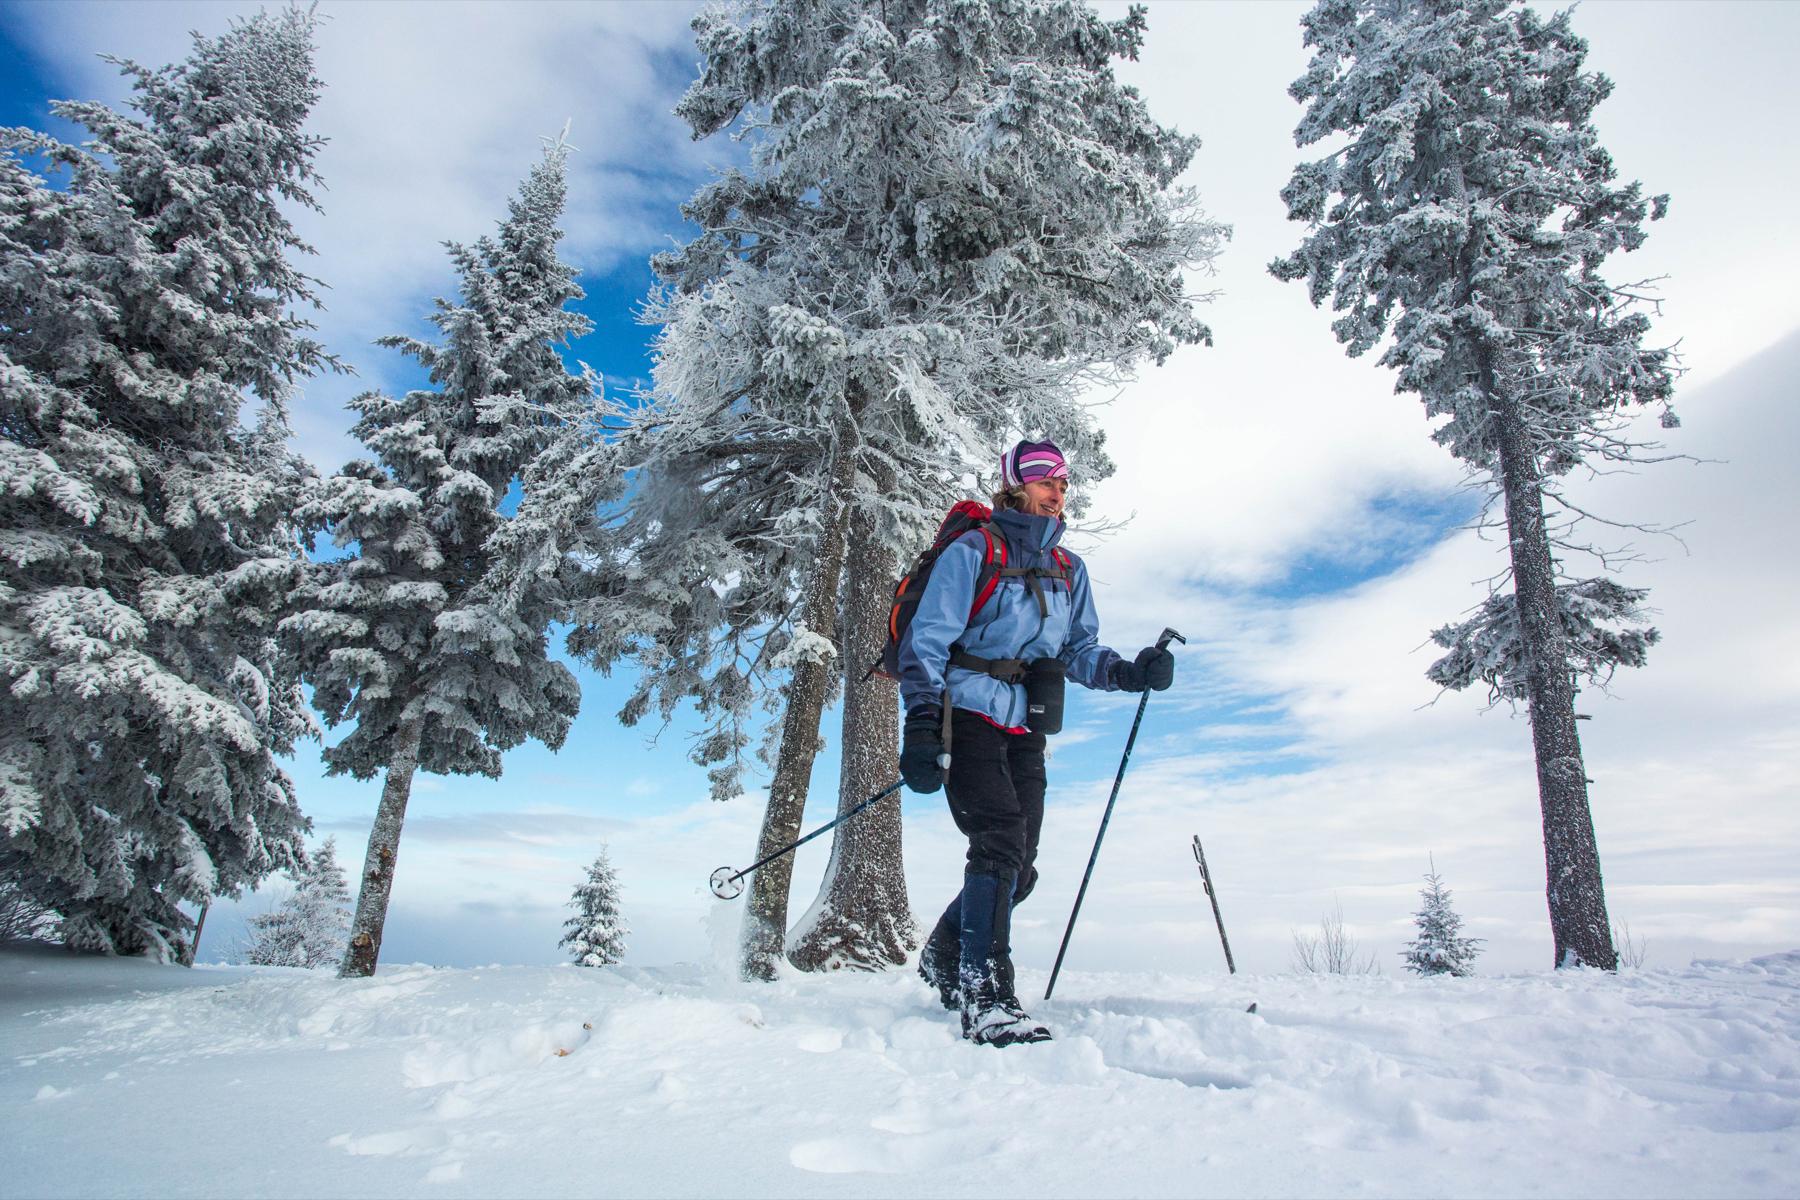 parc-montagne-du-diable-activités-hiver-ski-010